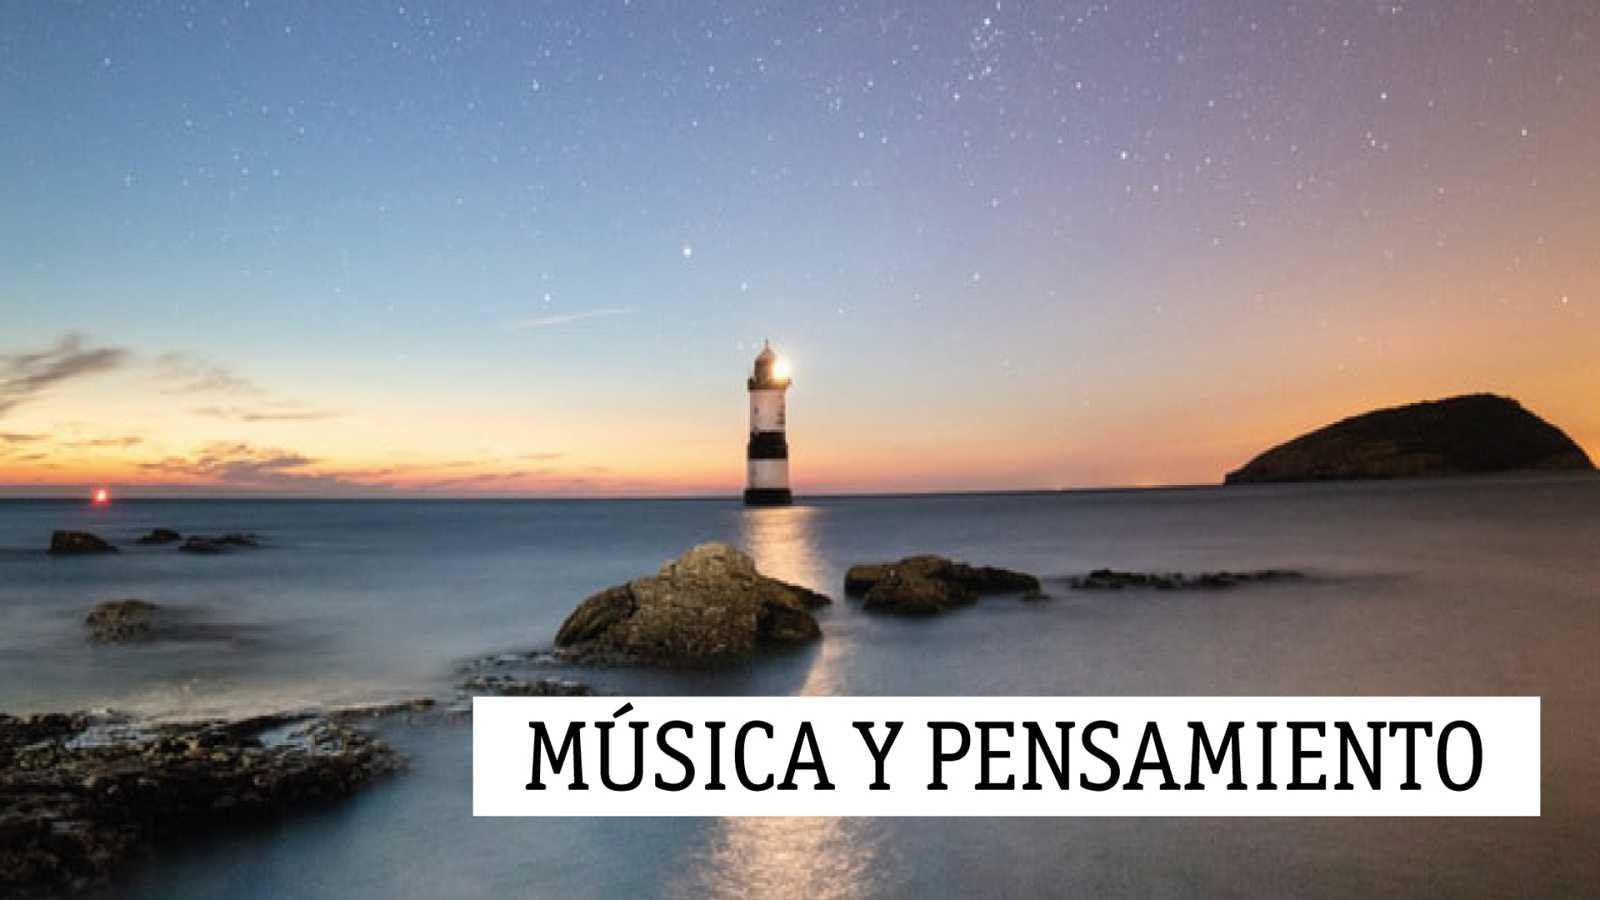 Música y pensamiento - La Certidumbre y la Catarsis - 24/05/20 - escuchar ahora